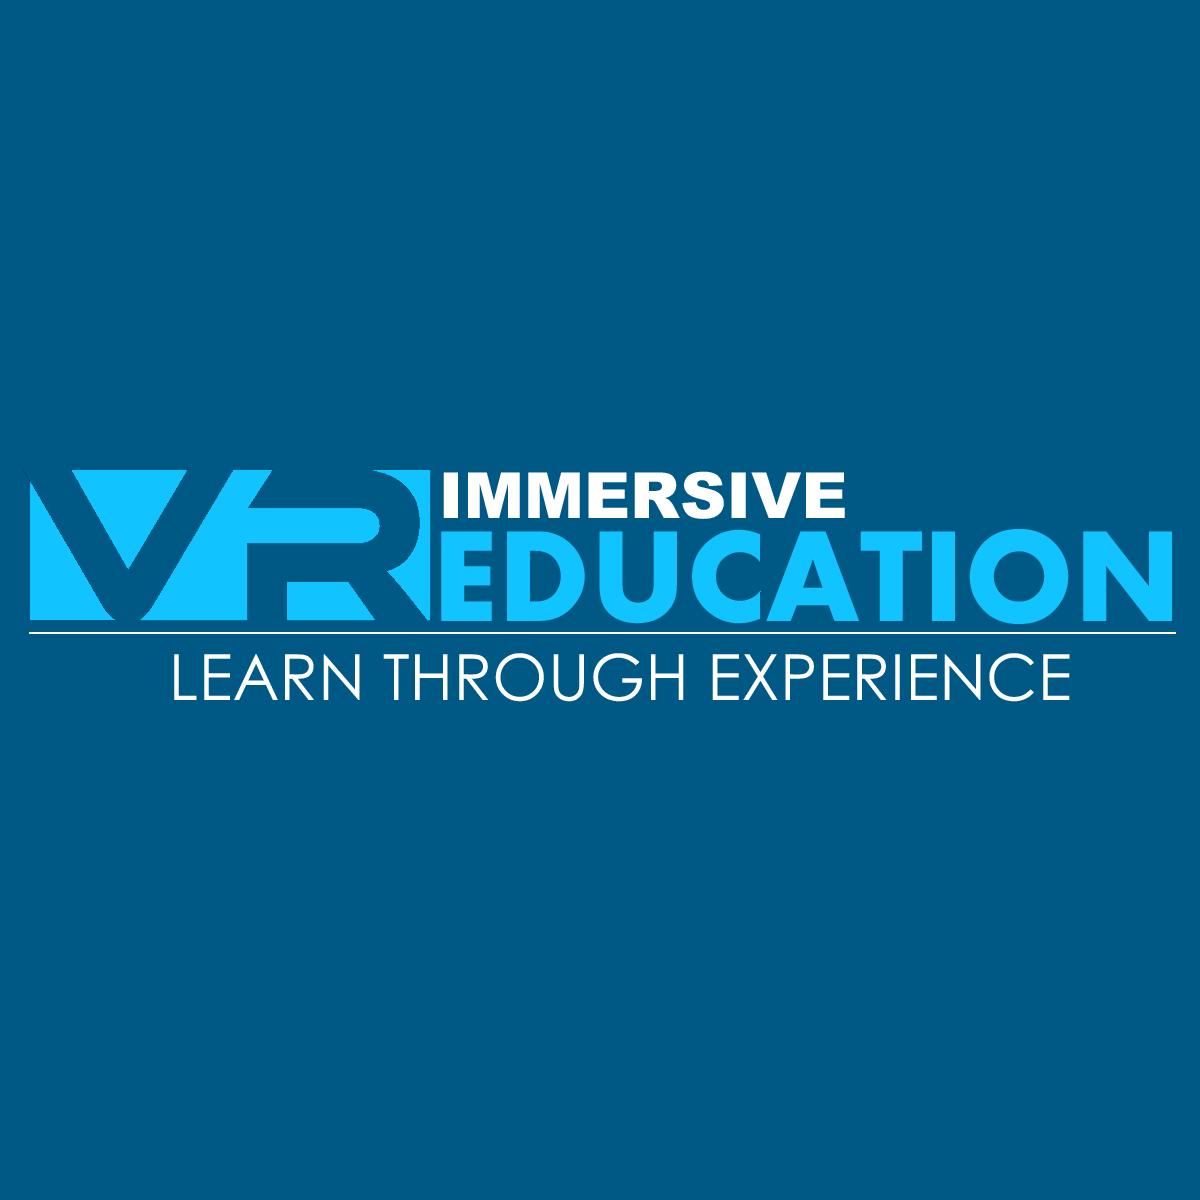 VR Education Holdings